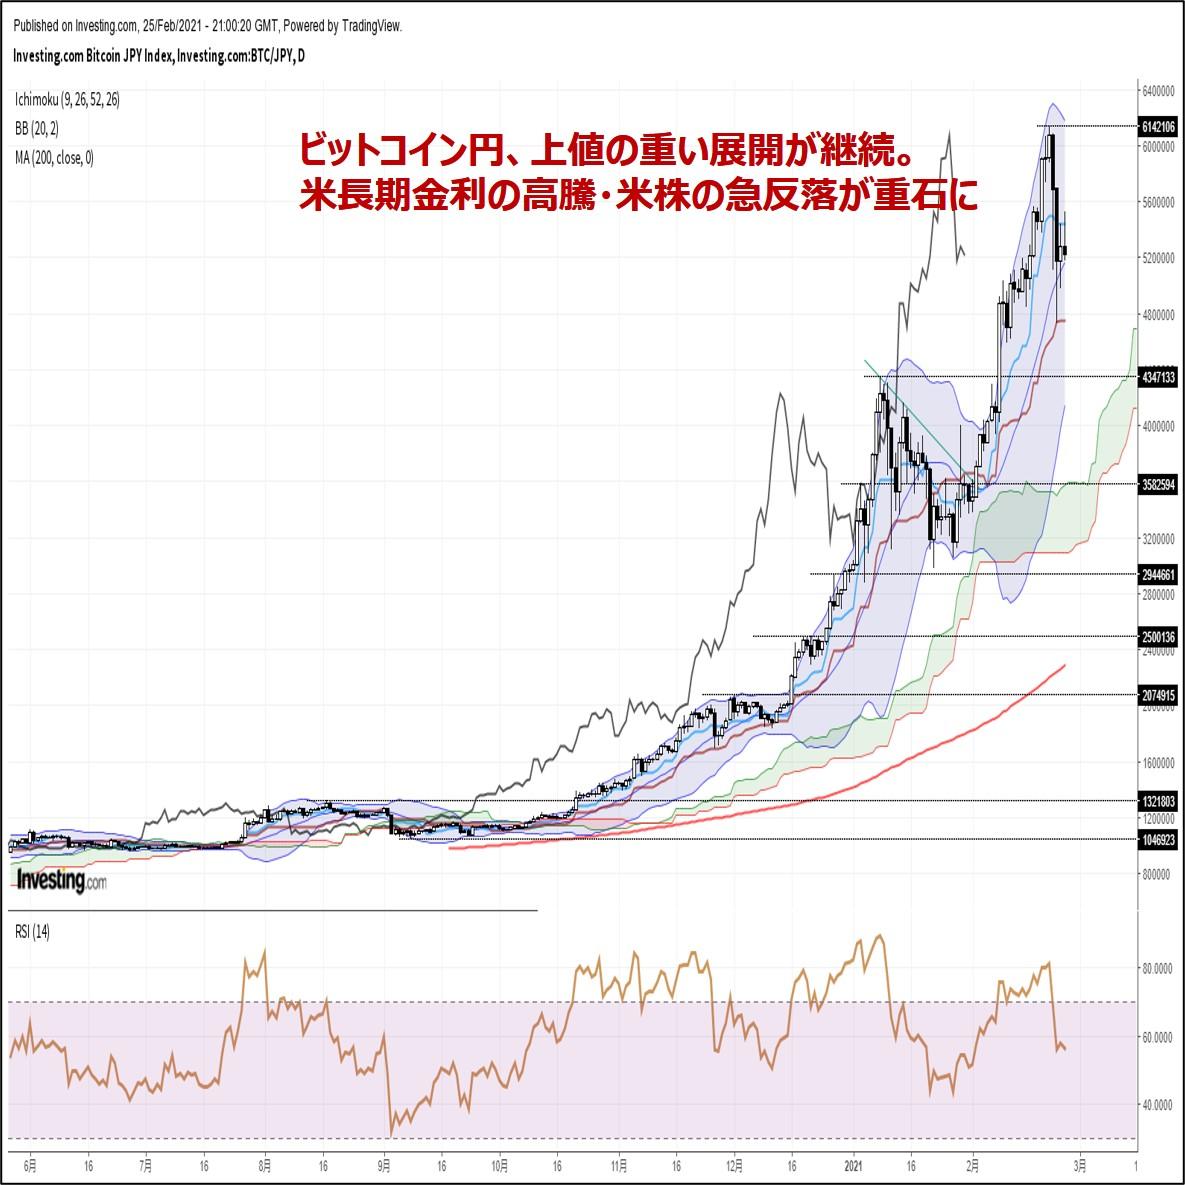 ビットコイン円、上値の重い展開が継続。米長期金利の高騰が重石に(2/26朝)